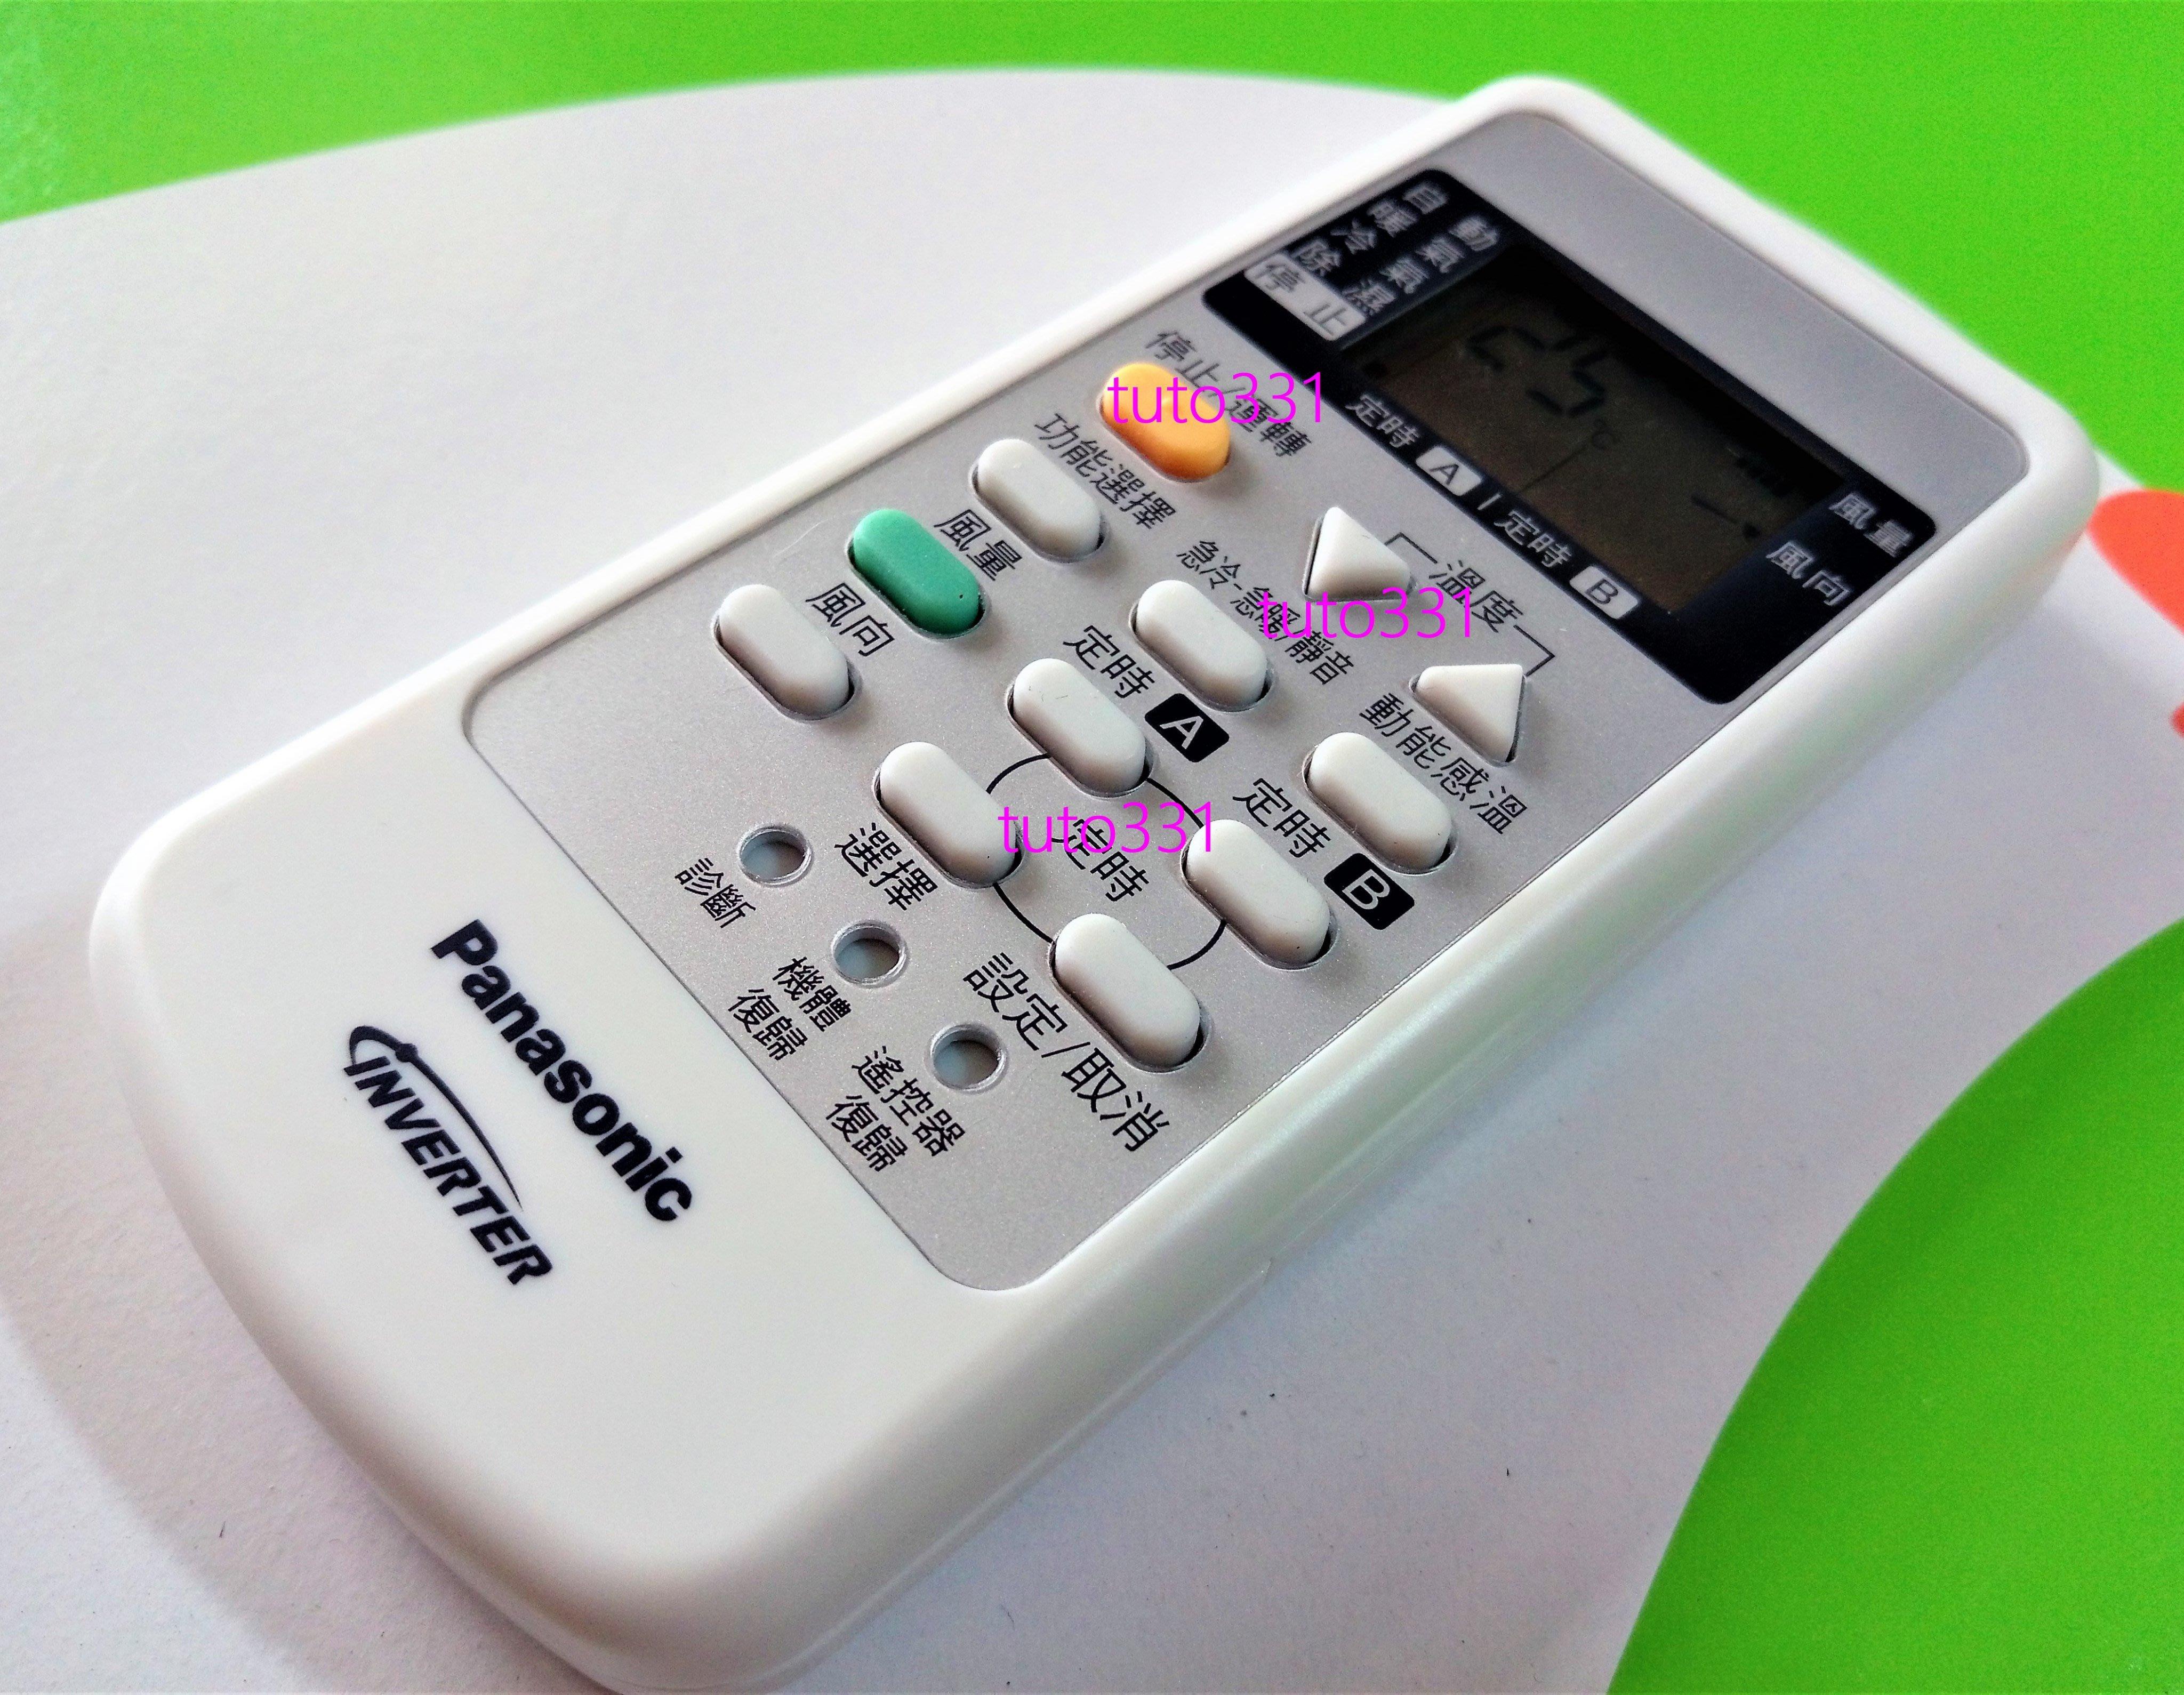 【買原廠貨-品質好】國際牌變頻冷氣遙控器 CS-G25HA2 CS-G32HA2 CS-G38HA2 C8024-720